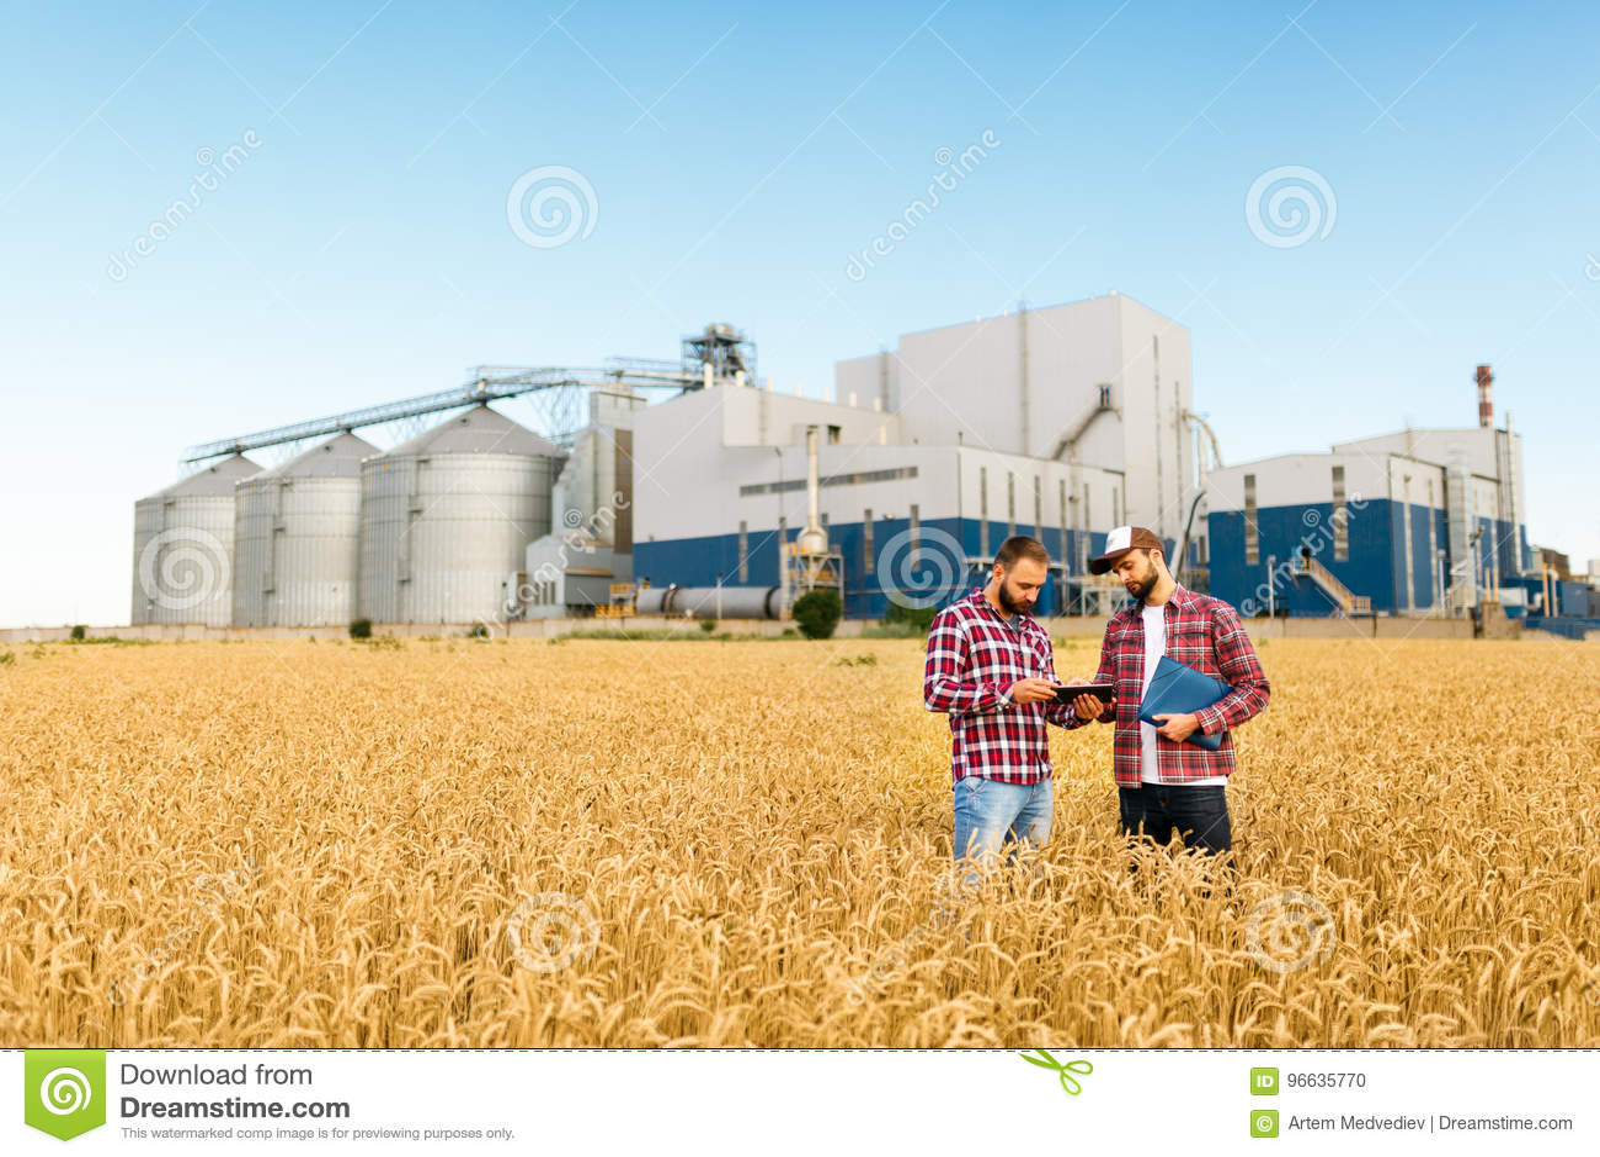 Zwei Landwirte stehen auf einem Weizengebiet mit Tablette Agronomen besprechen Ernte und Ernten unter Ohren des Weizens mit Korn